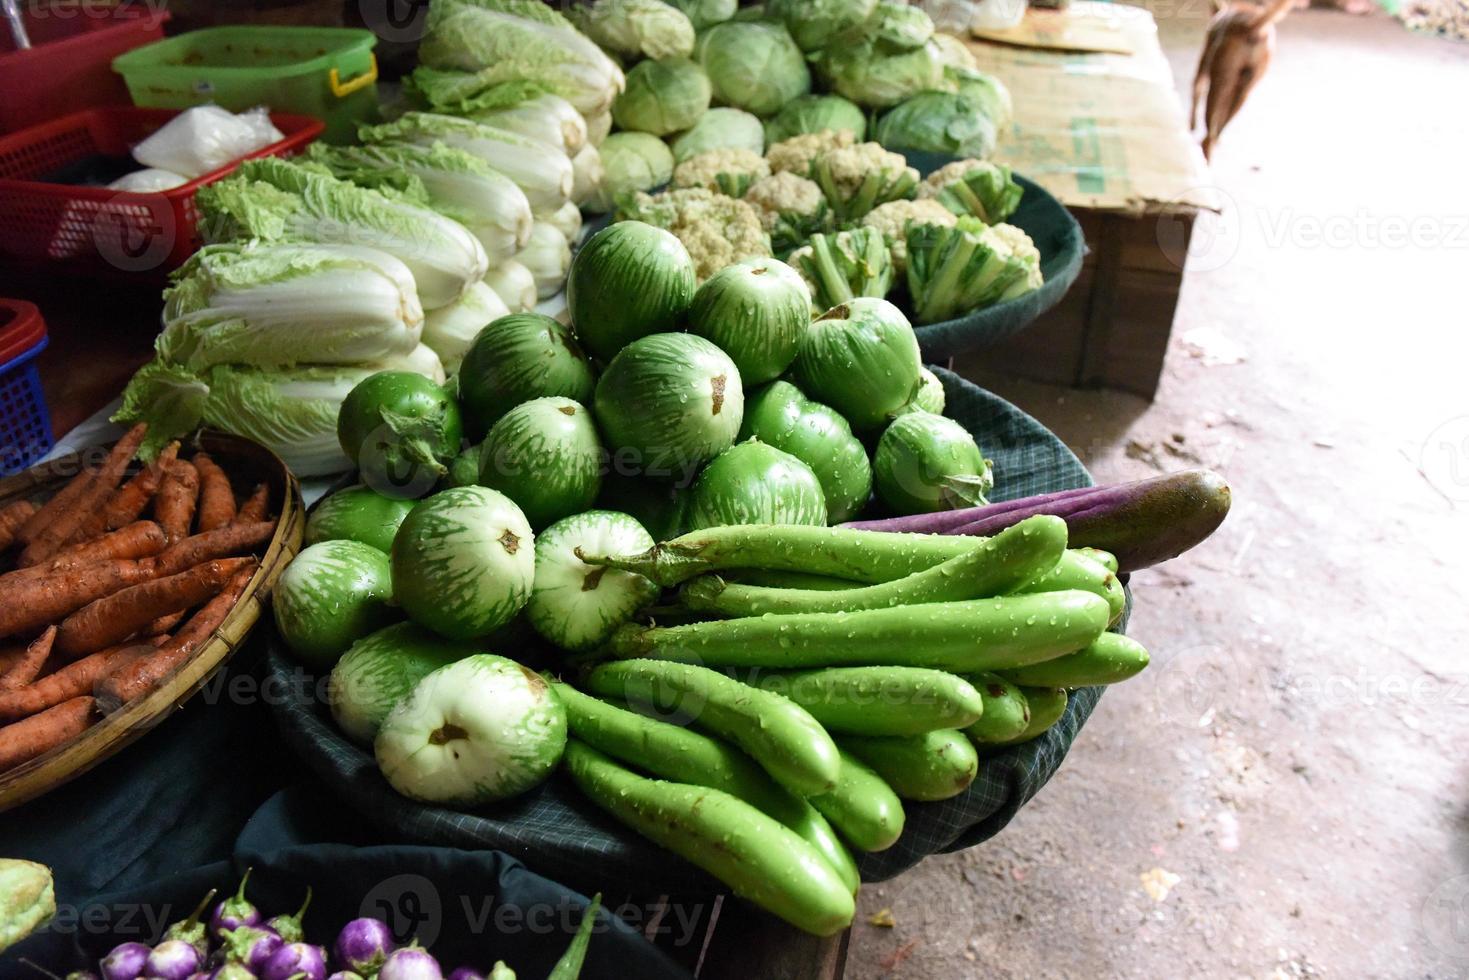 verdura nel mercato di prodotti freschi foto